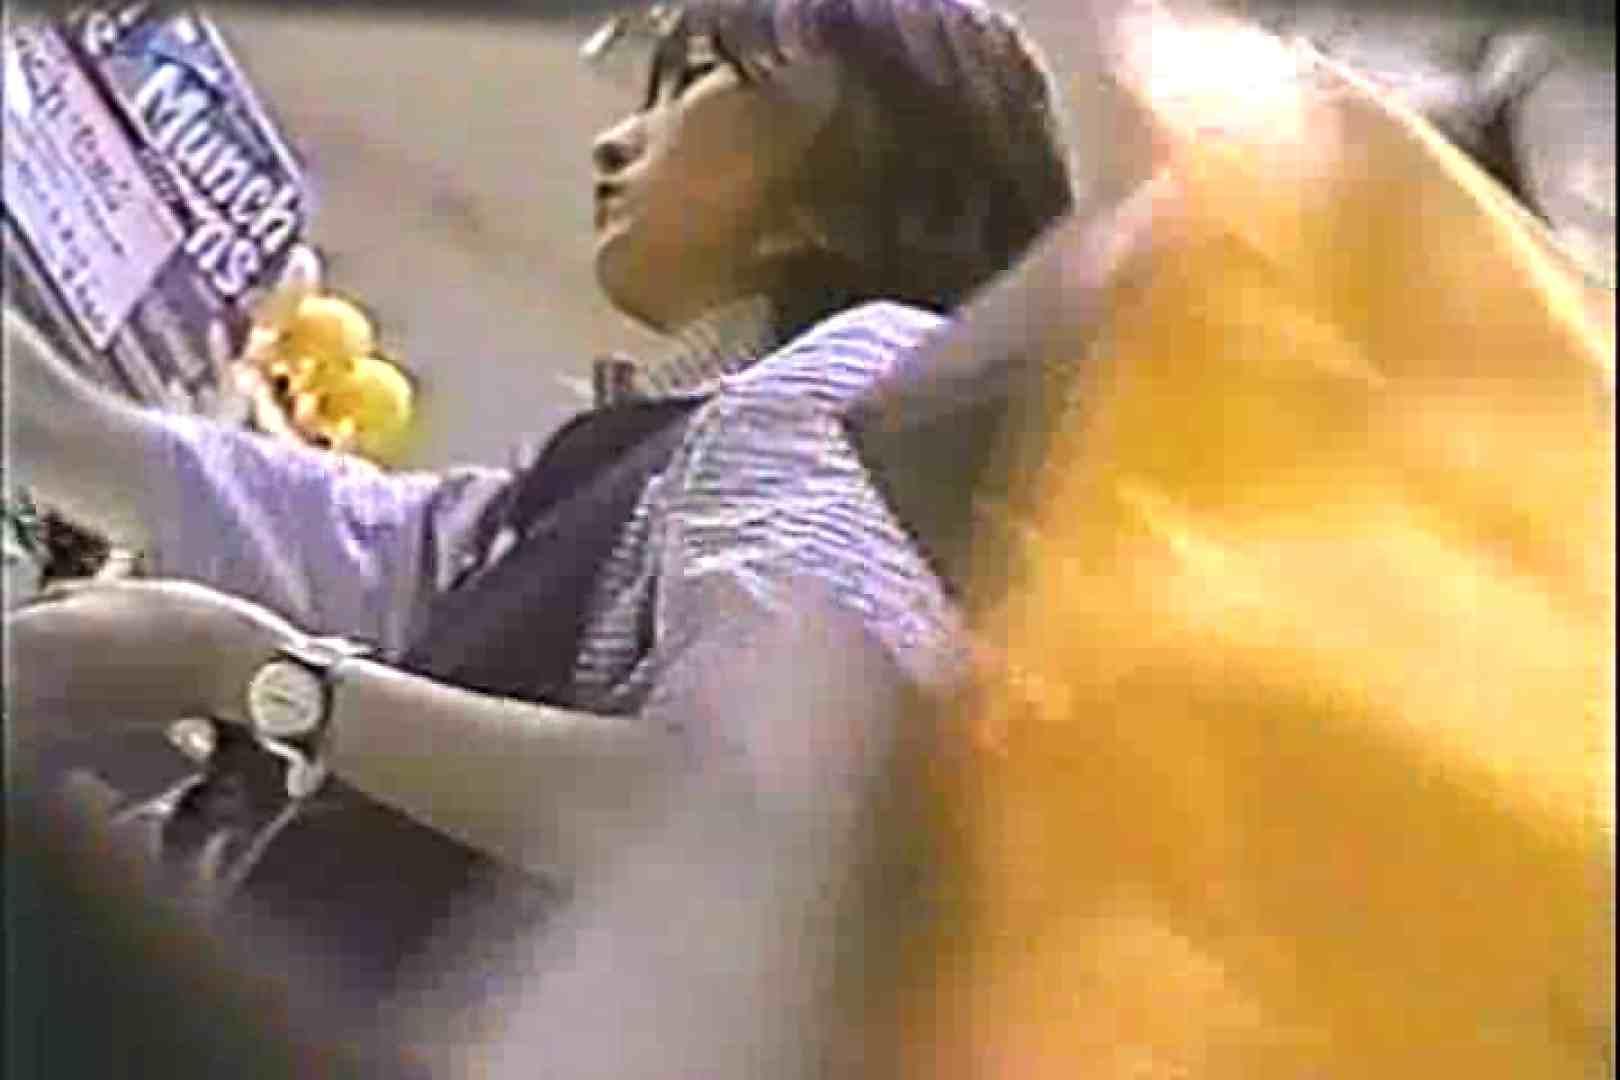 「ちくりん」さんのオリジナル未編集パンチラVol.3_01 パンチラ放出 のぞき動画画像 103pic 66